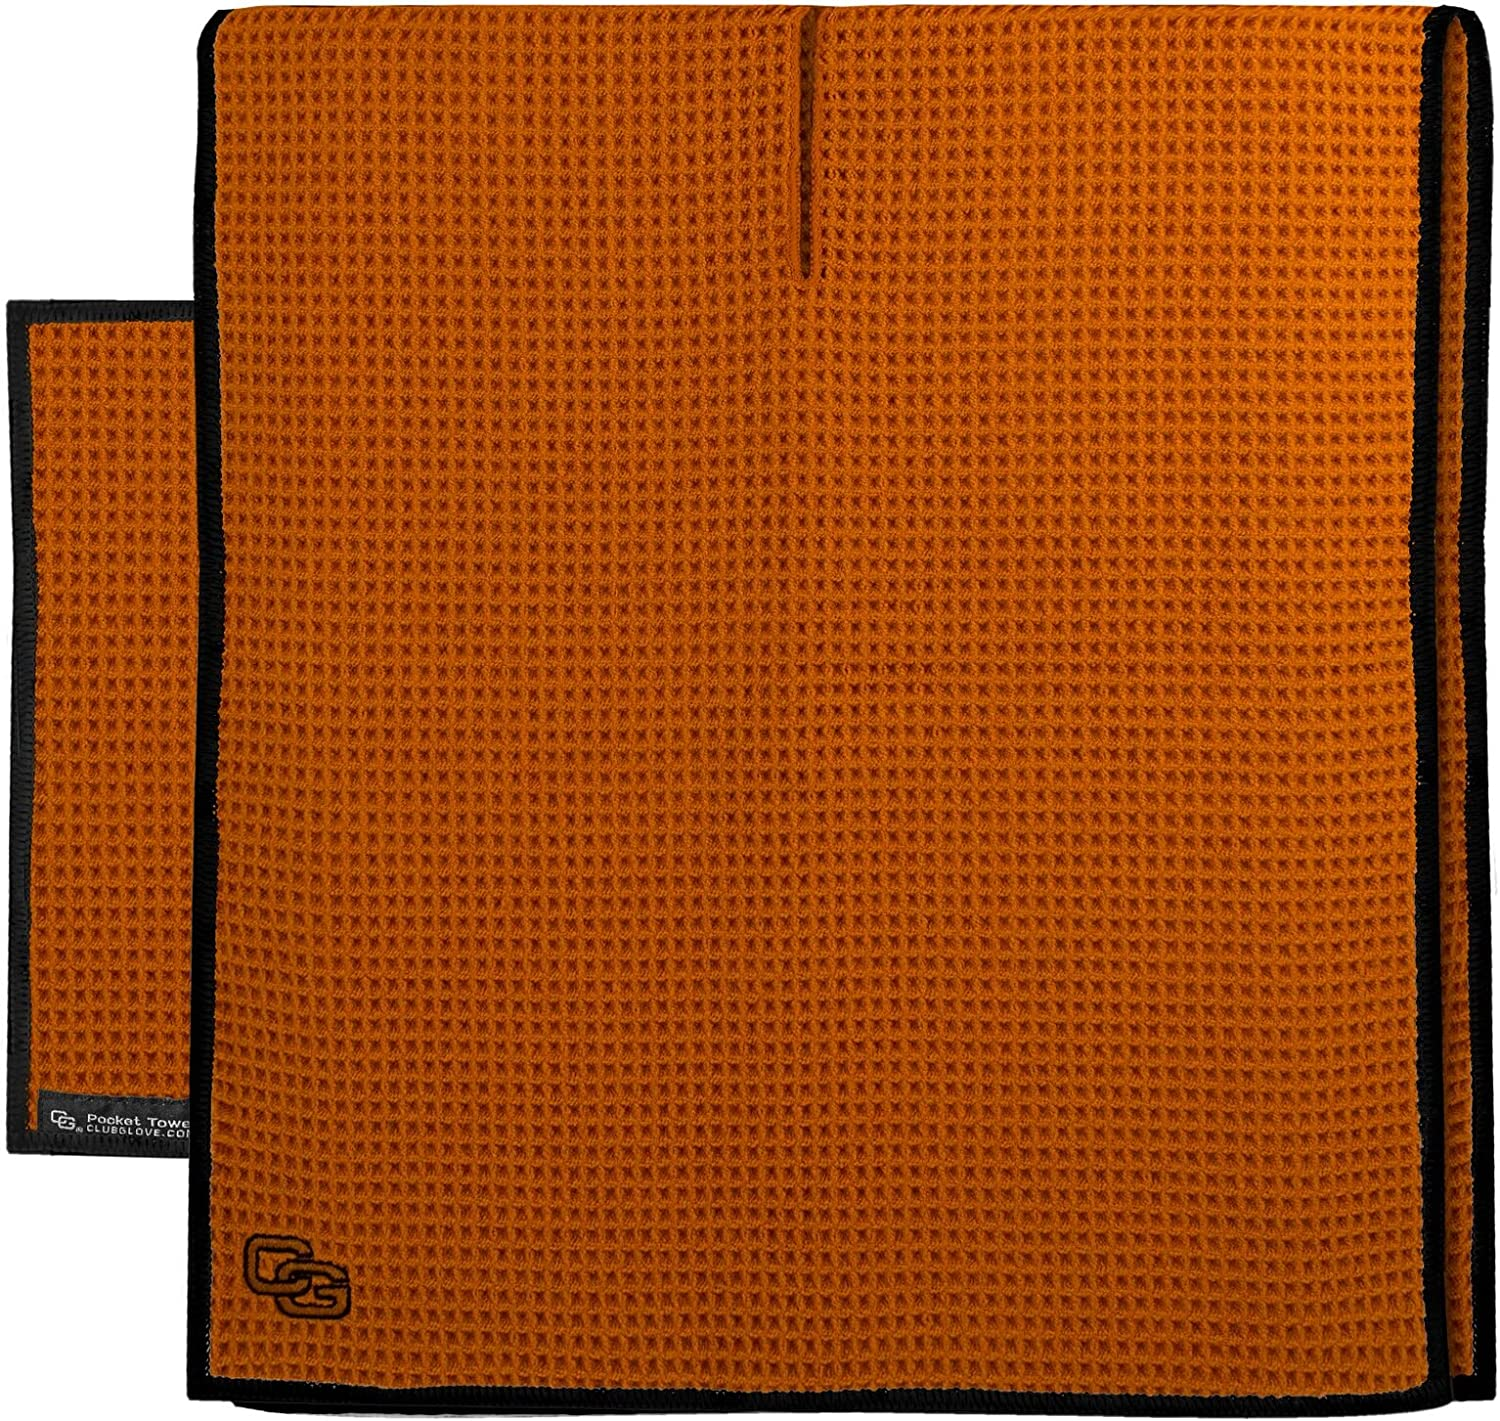 Club Glove Microfiber Caddy Golf Towel Set